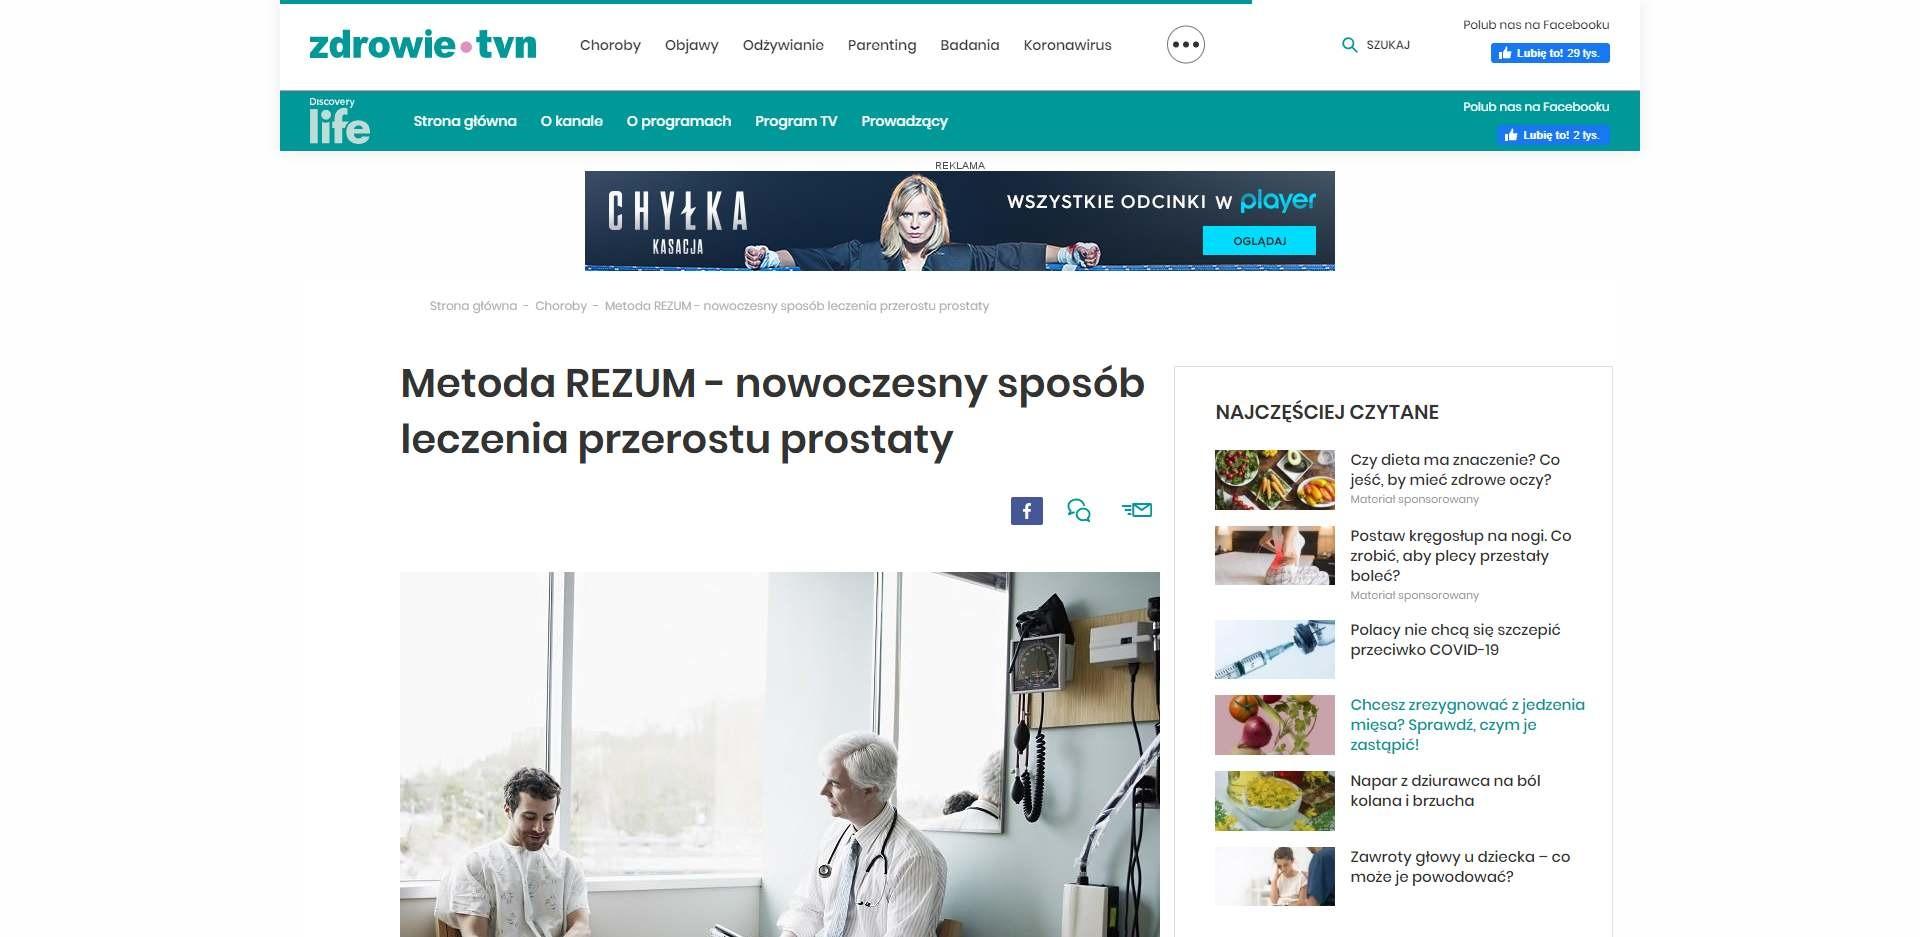 metoda rezum nowoczesny sposob leczenia przerostu prostaty